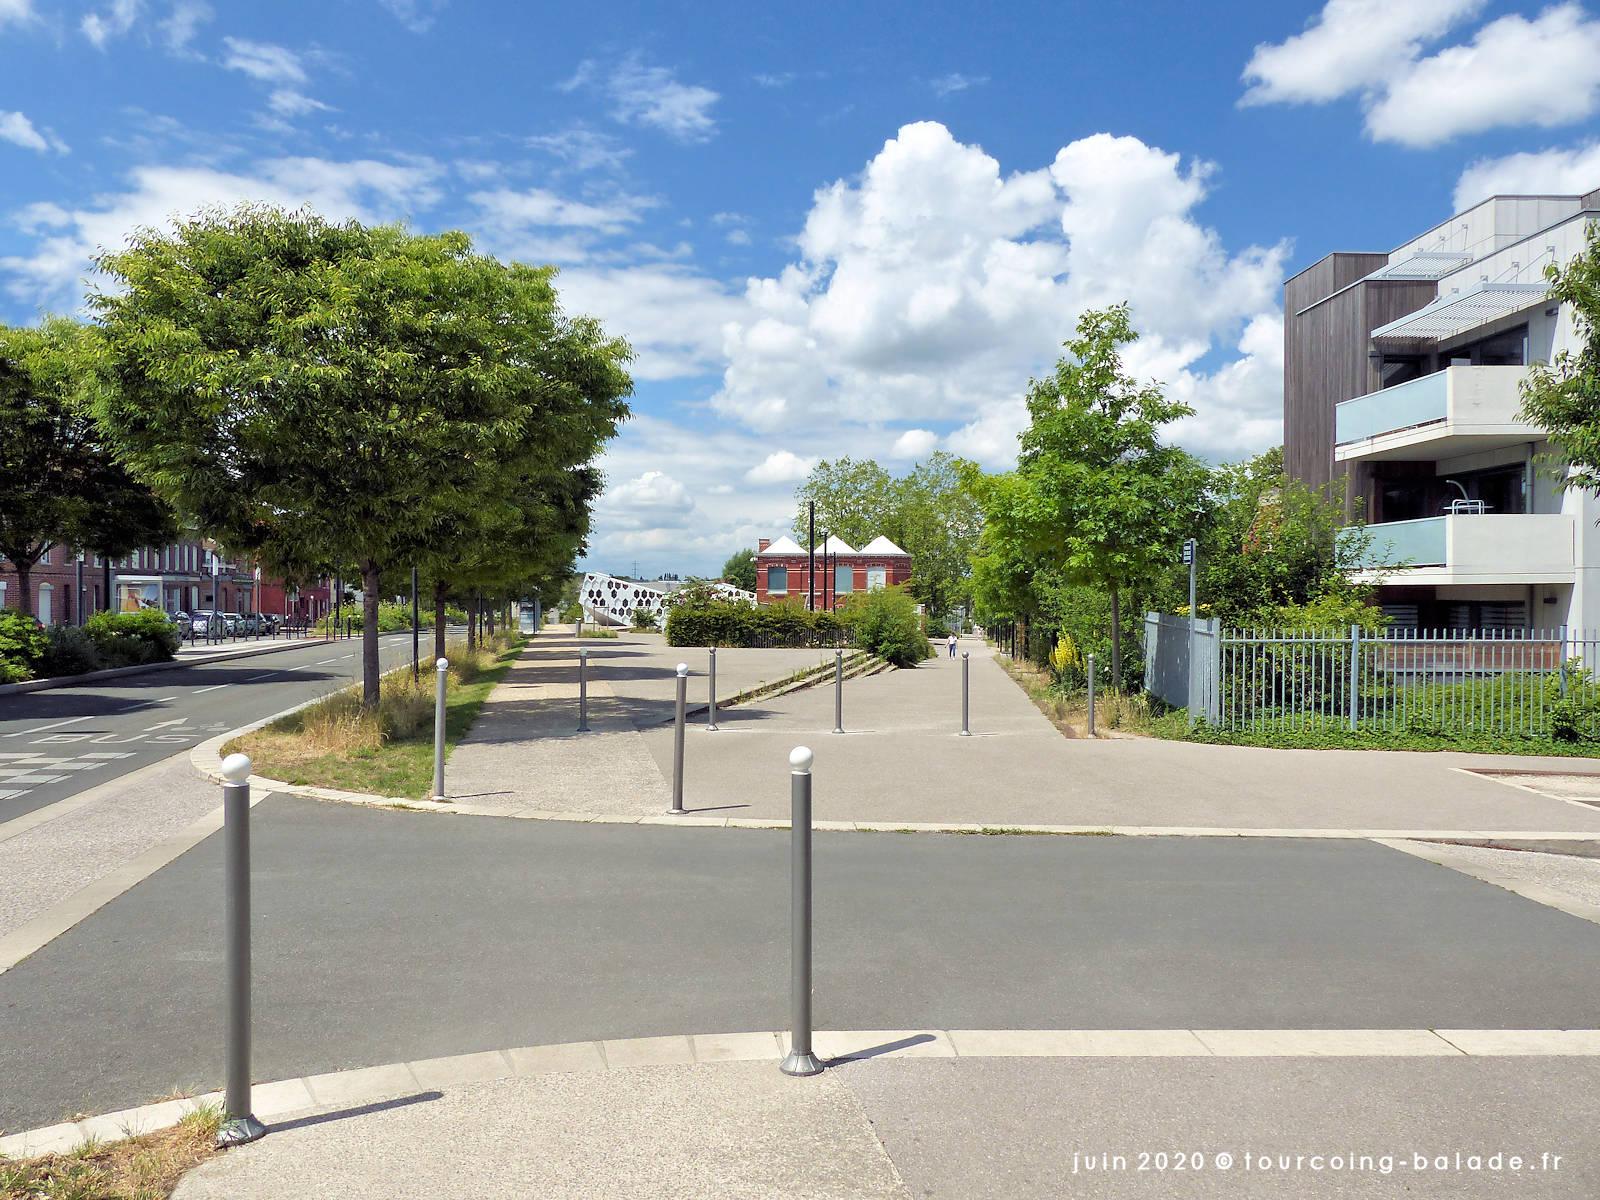 Rue des Joyeux Vergers, Tourcoing, 2020